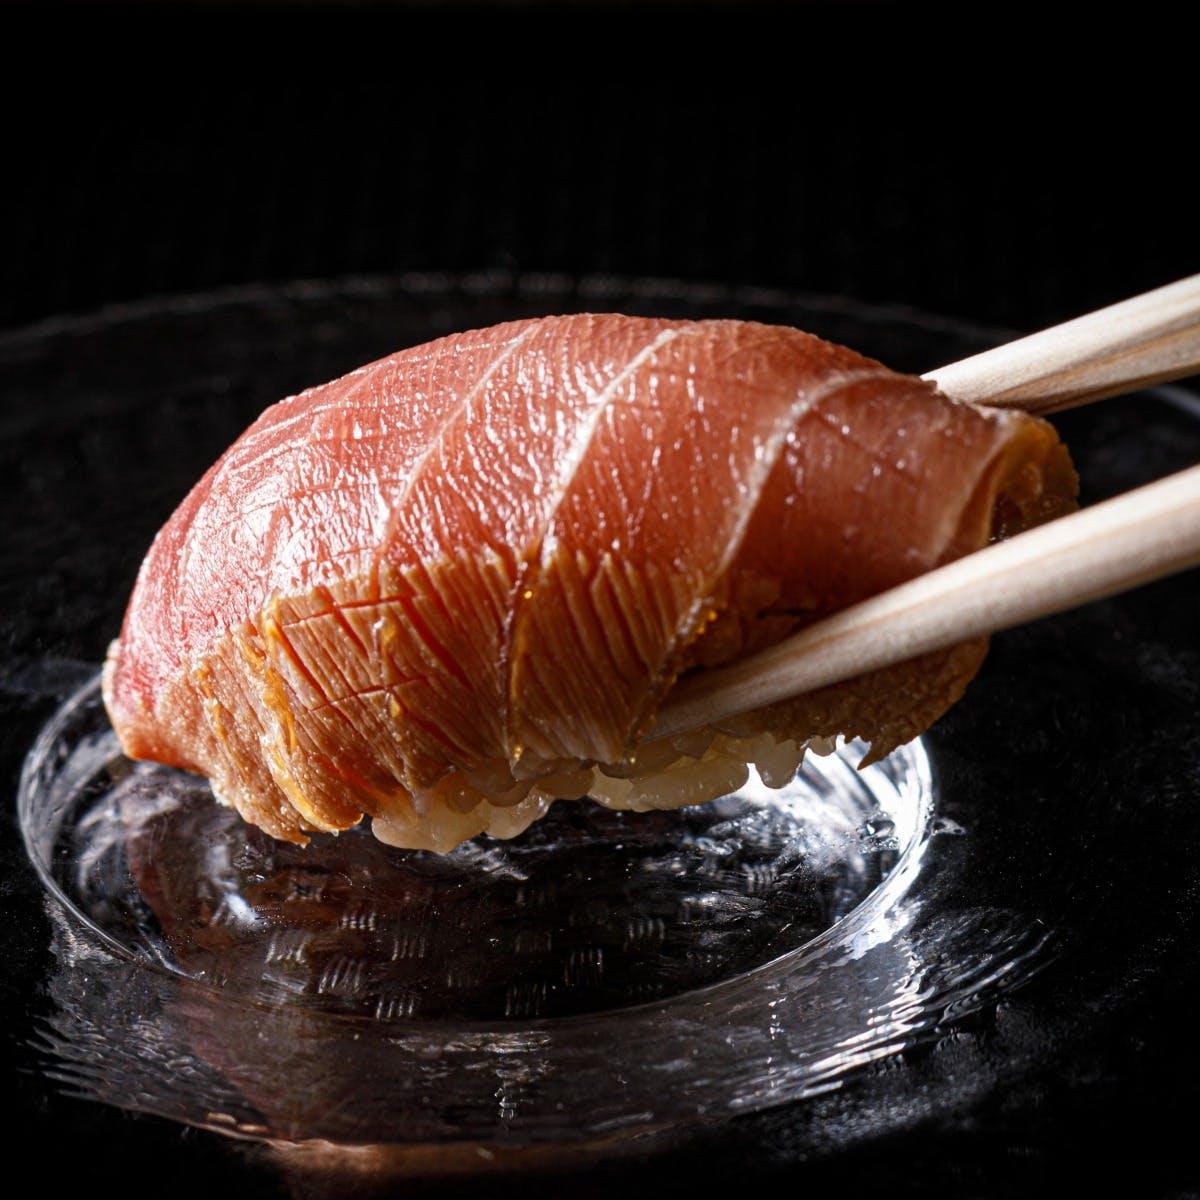 伝統を重んじつつ趣向を凝らした江戸前鮨